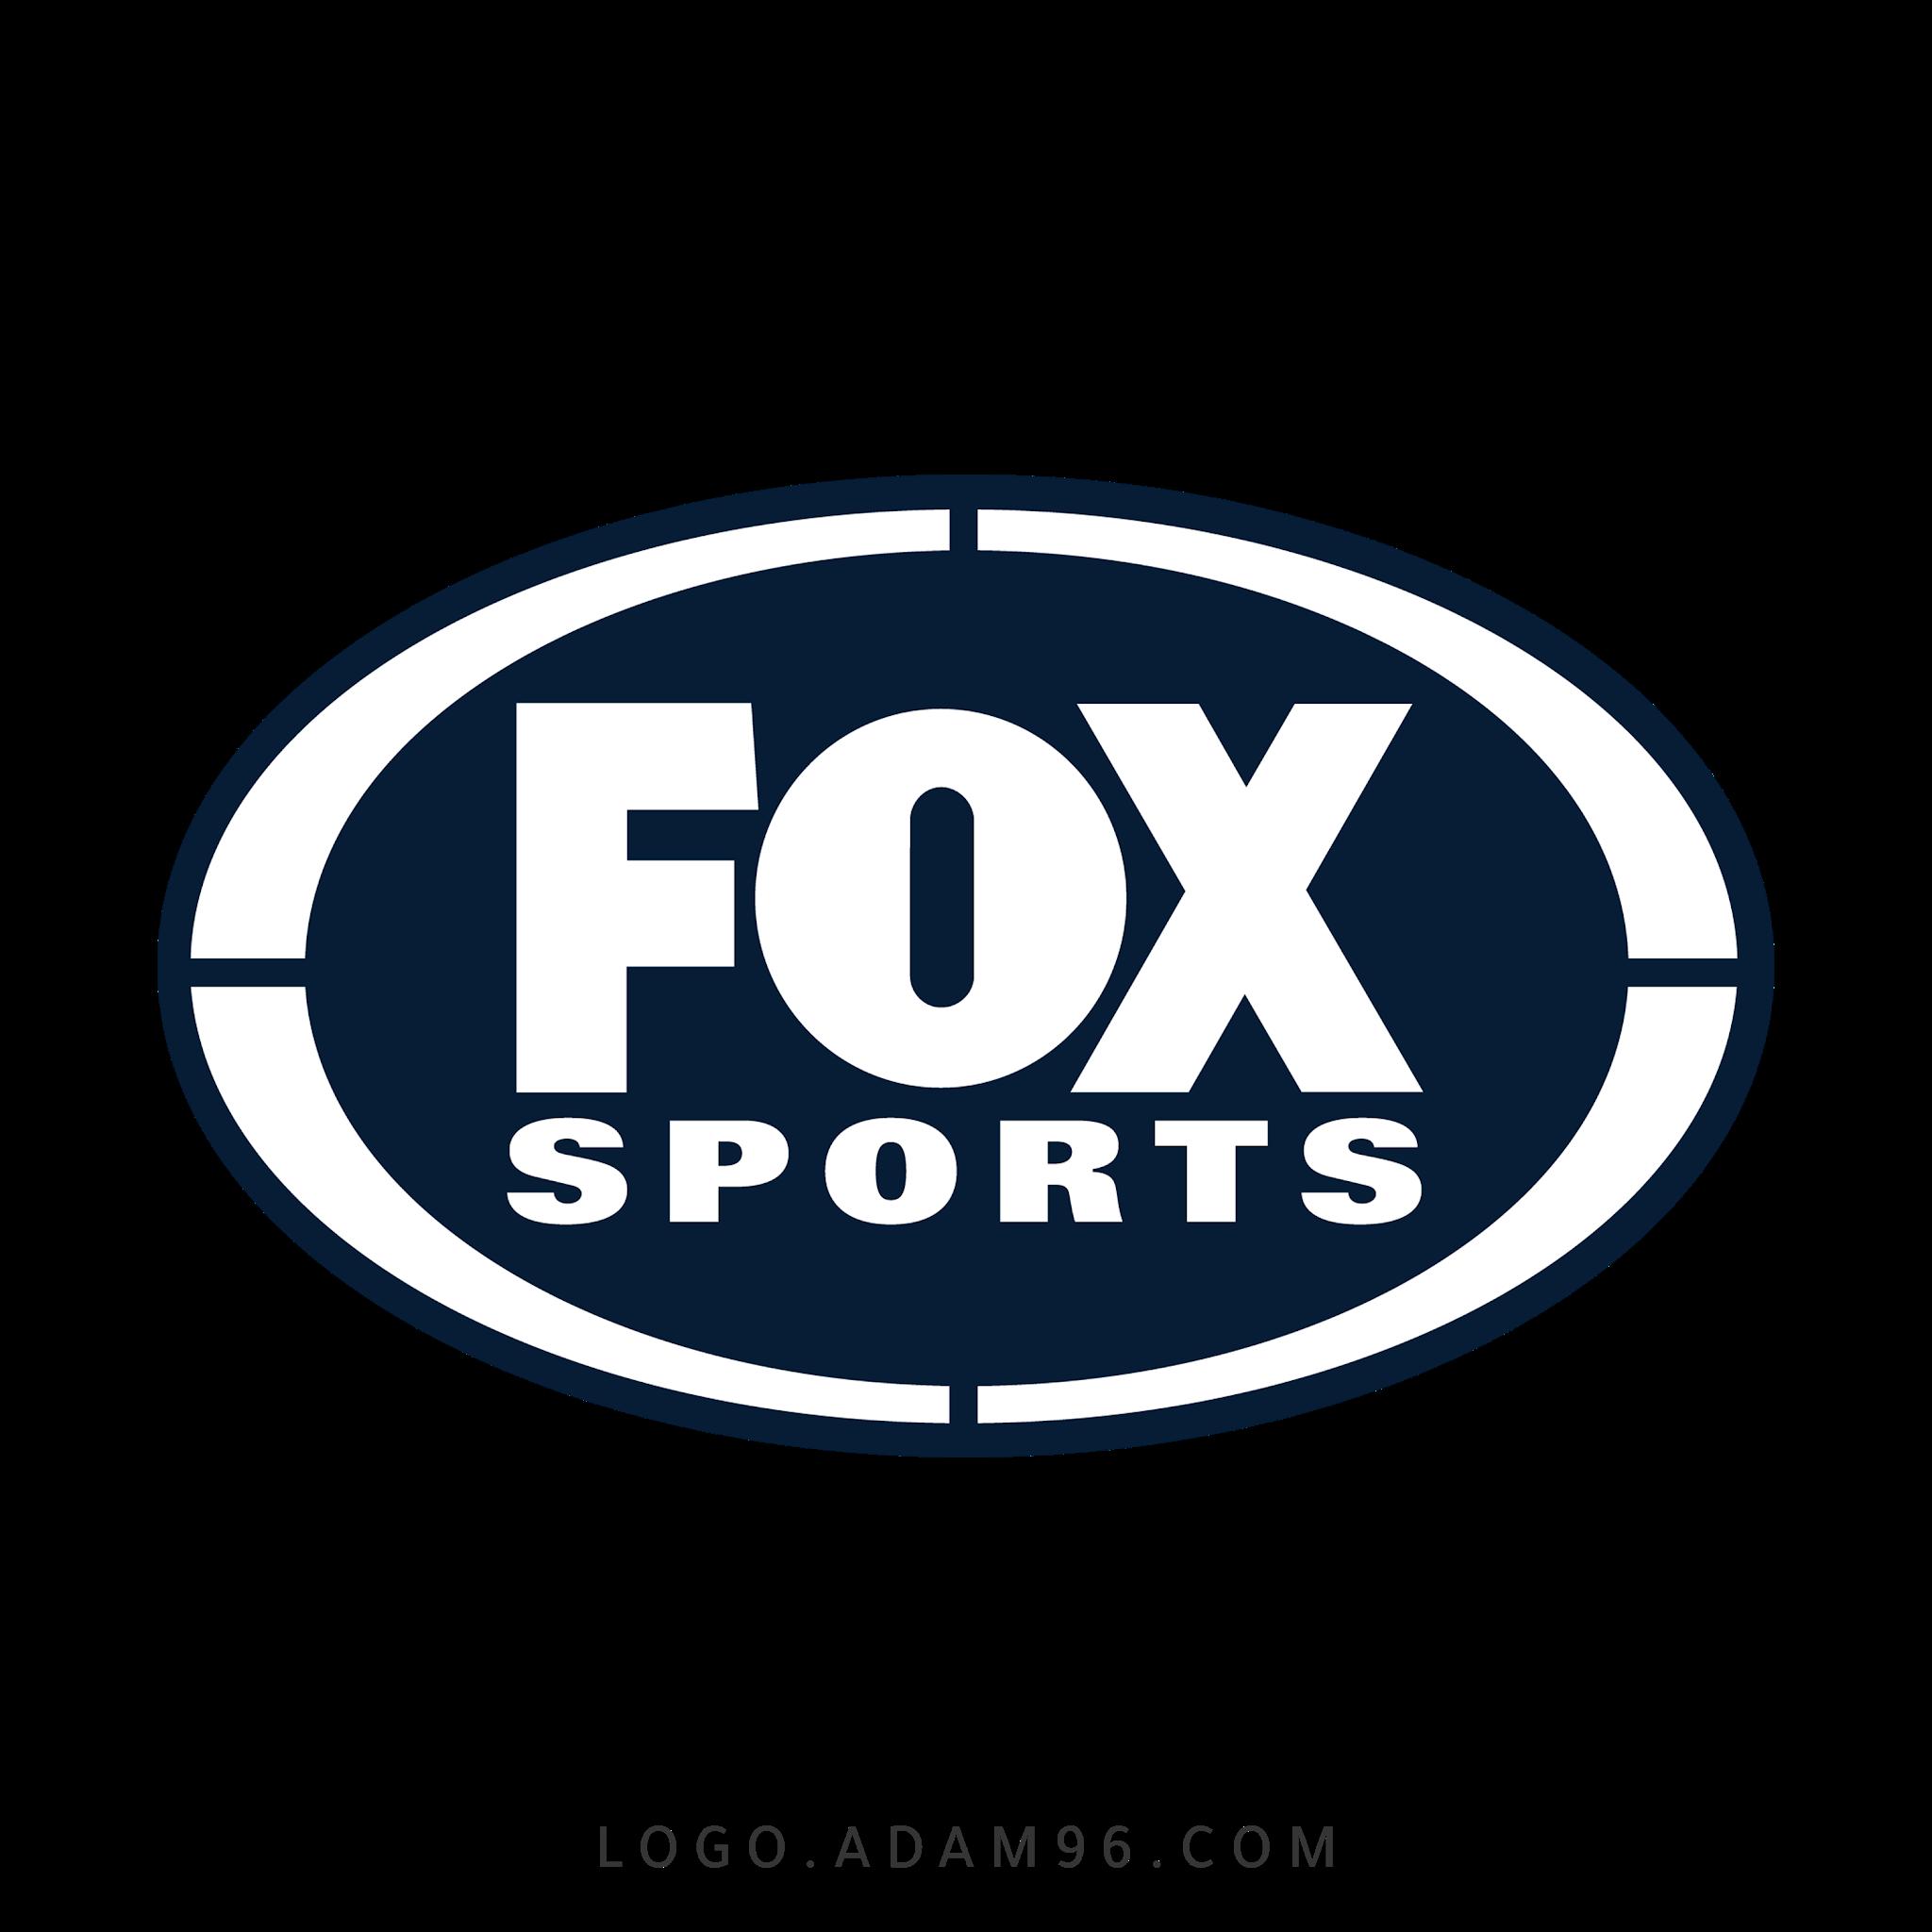 تحميل شعار فوكس سبورت لوجو رسمي عالي الجودة Logo Fox Sport PNG